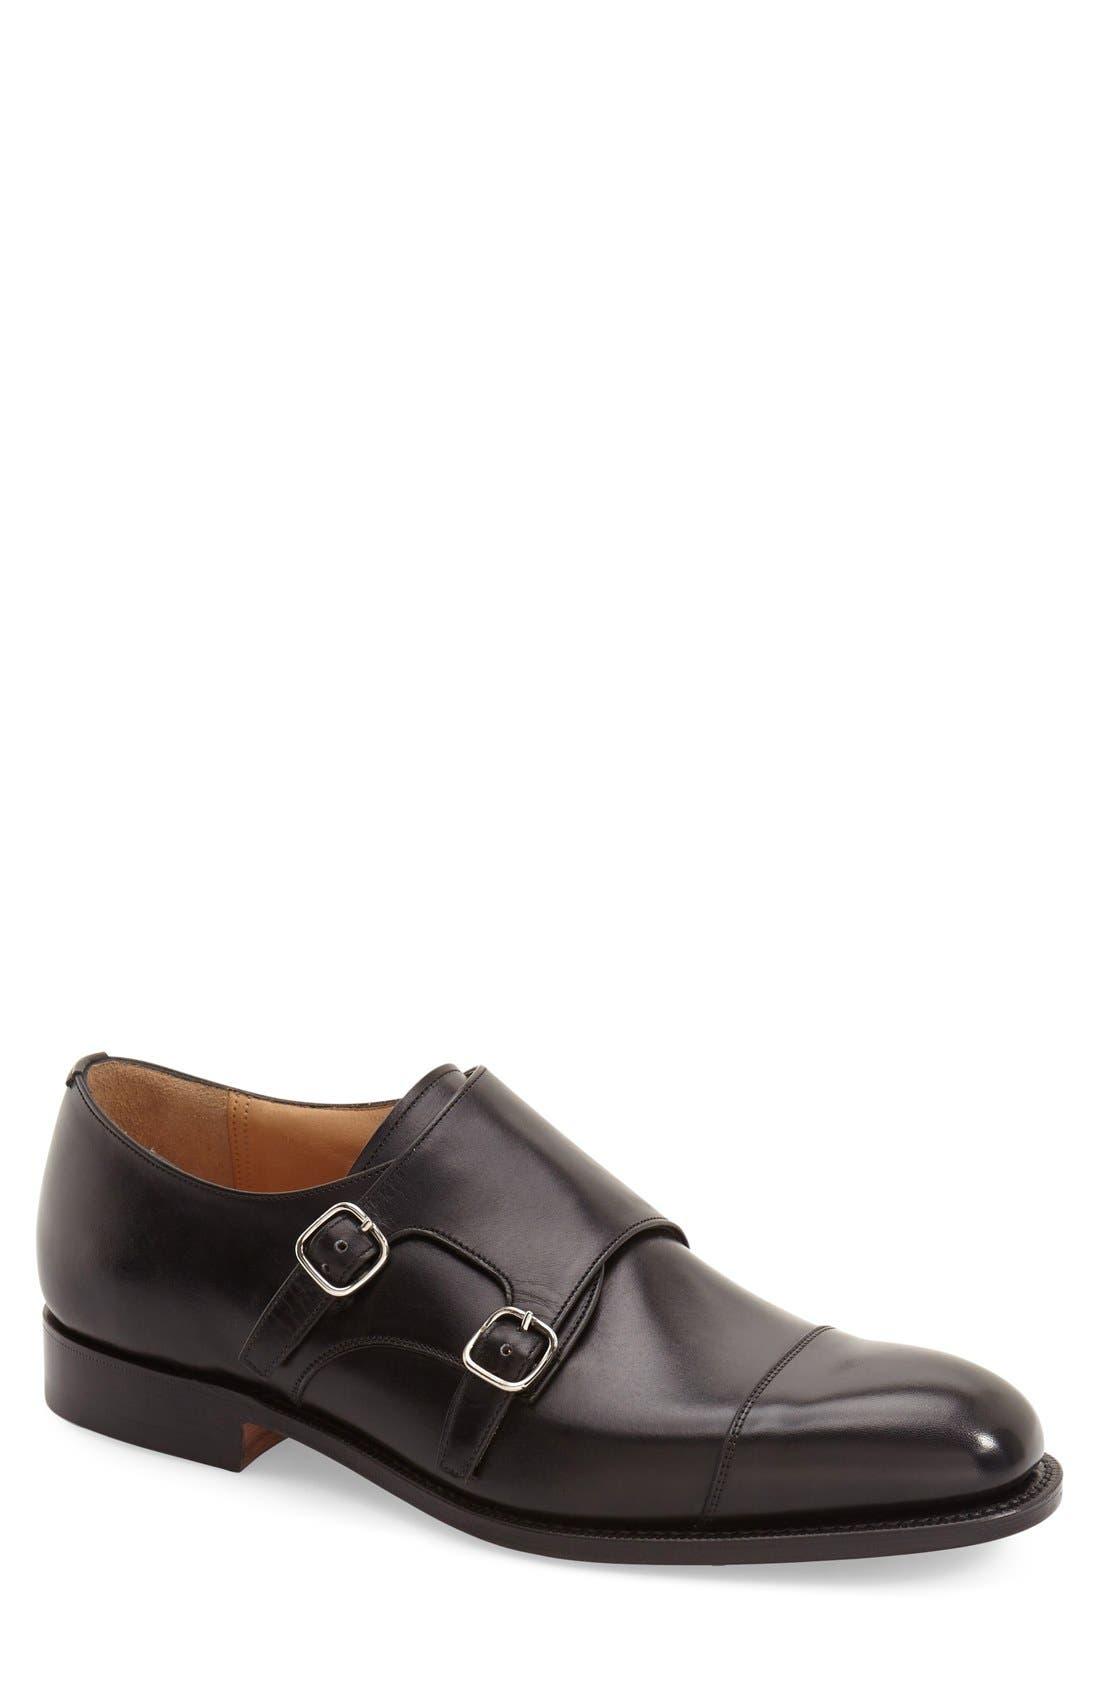 'Cowes' Double Monk Strap Shoe,                             Main thumbnail 1, color,                             001